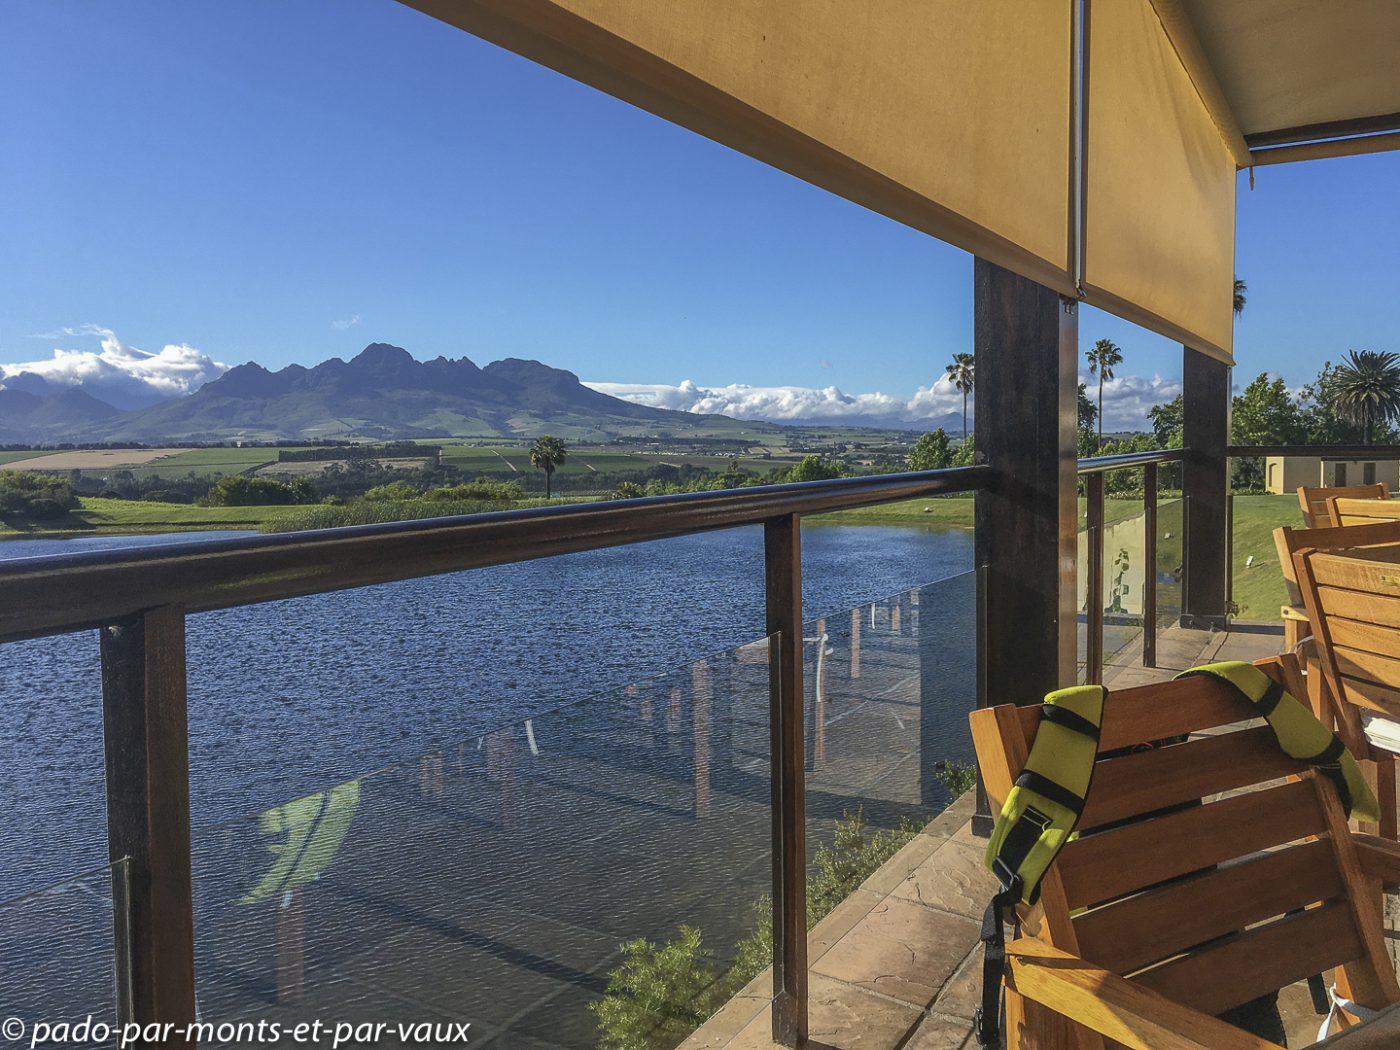 Asara hotel - Stellenbosch